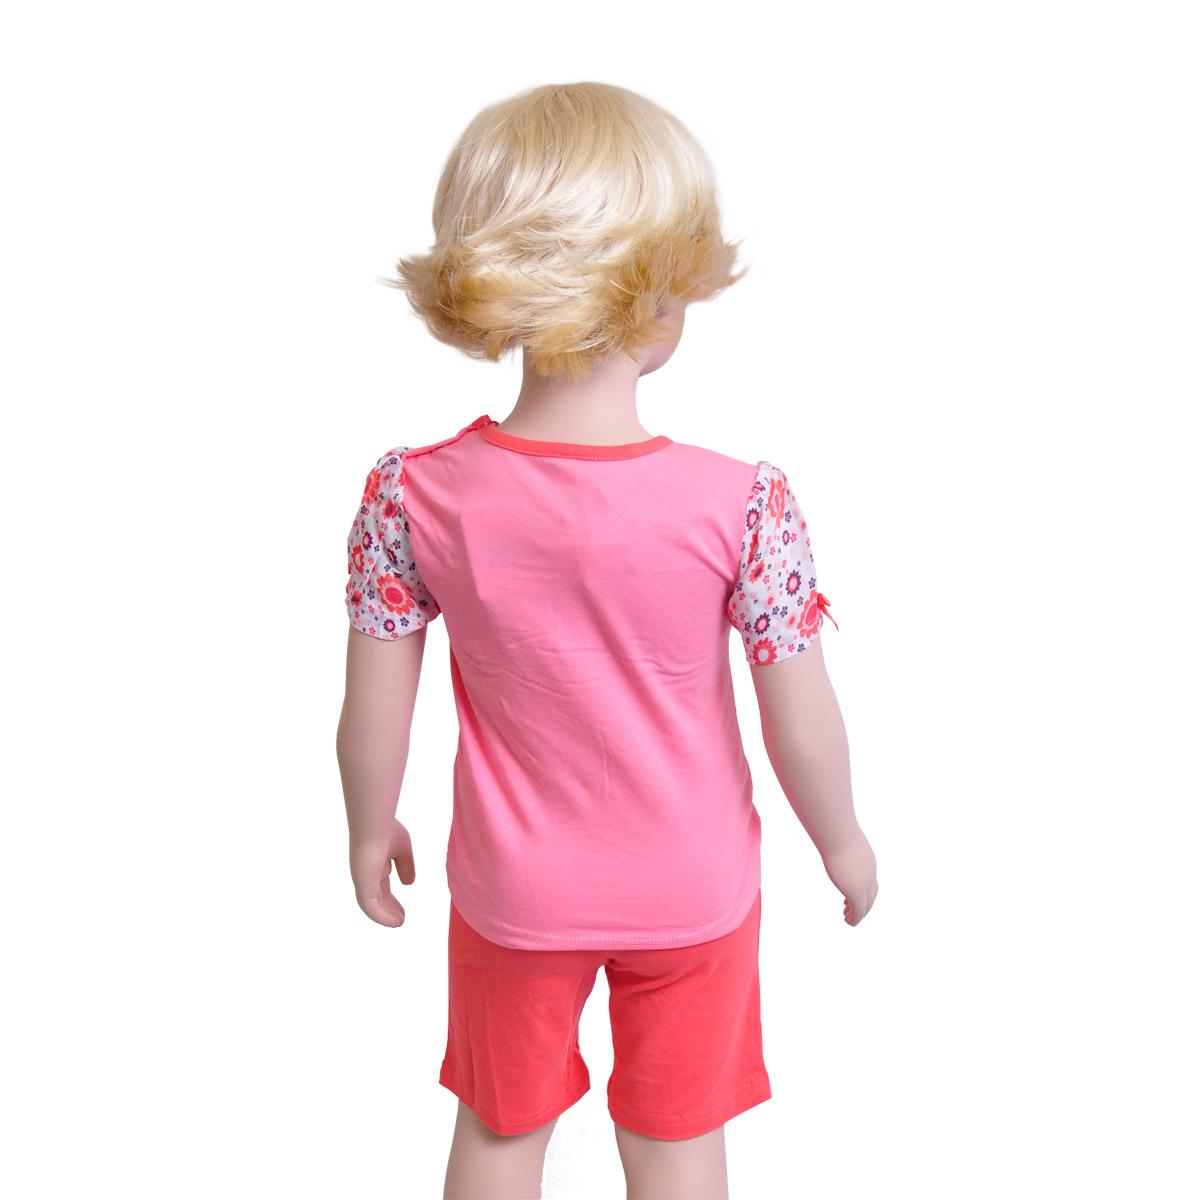 Комплект Veneya Венейя (футболка+шорты) для девочки, розовый размер 80